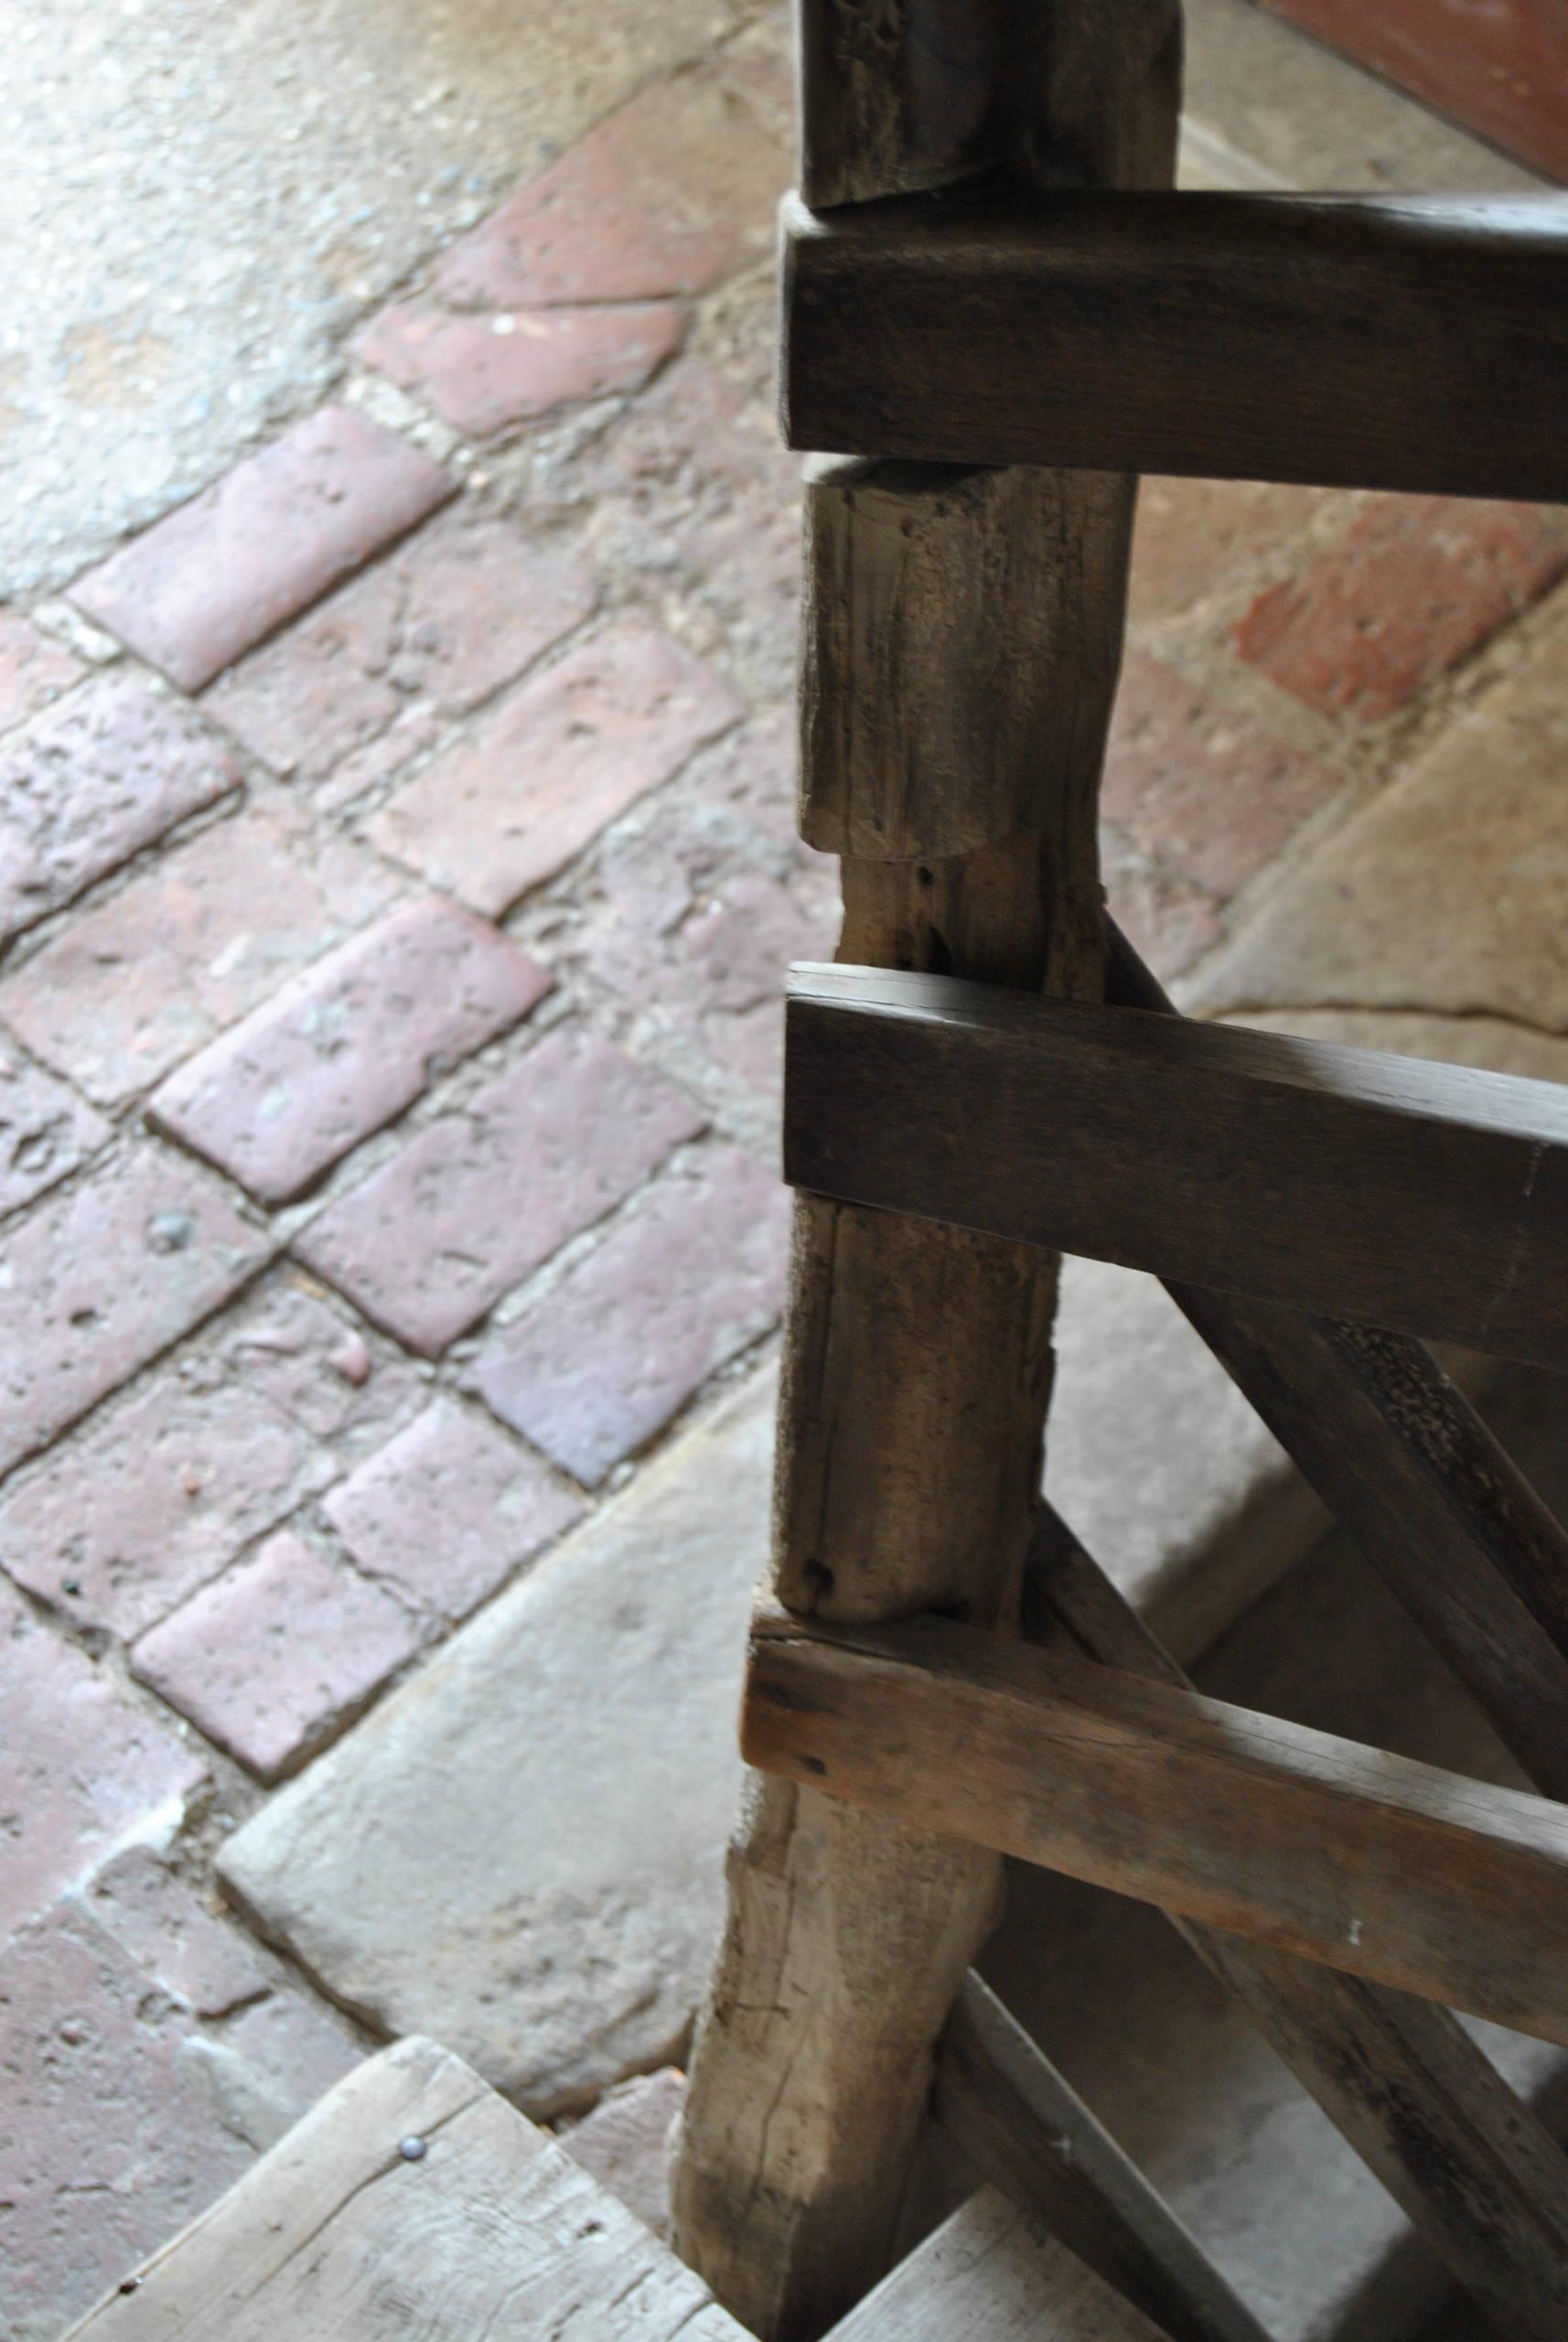 Dettaglio delle scale condominiali.